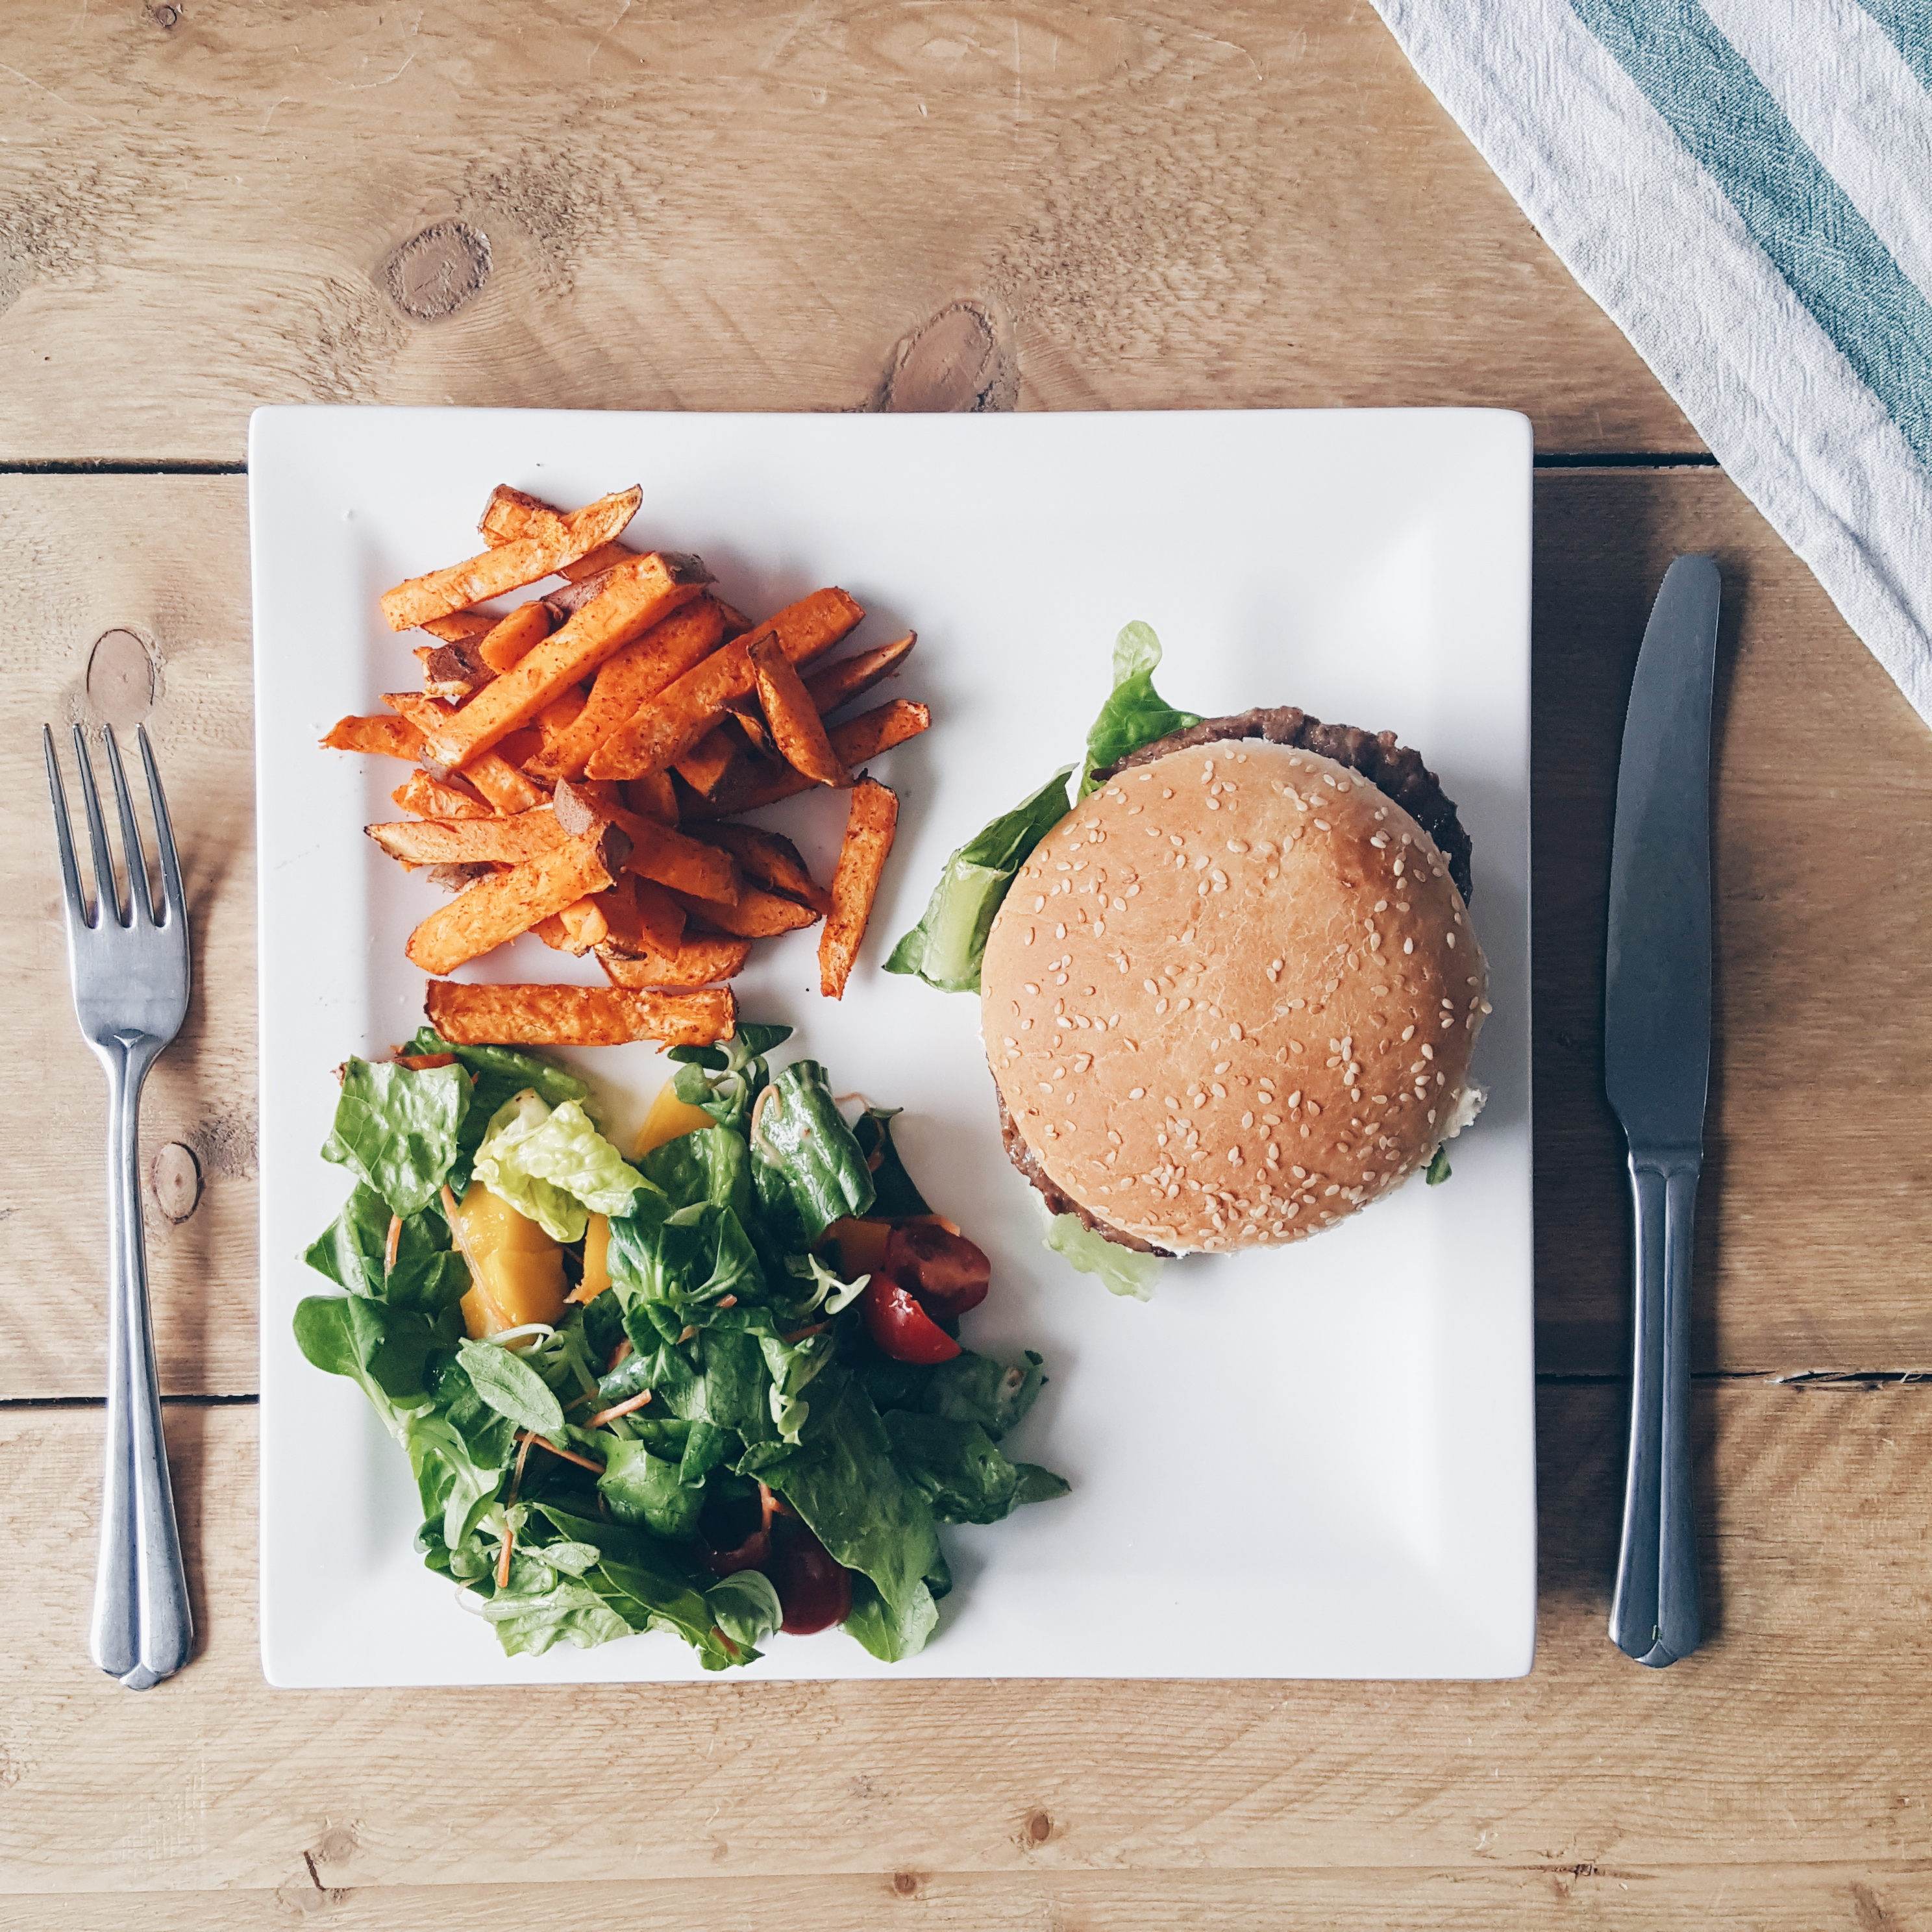 Favoriet recept – De lekkerste hamburger maak je zo